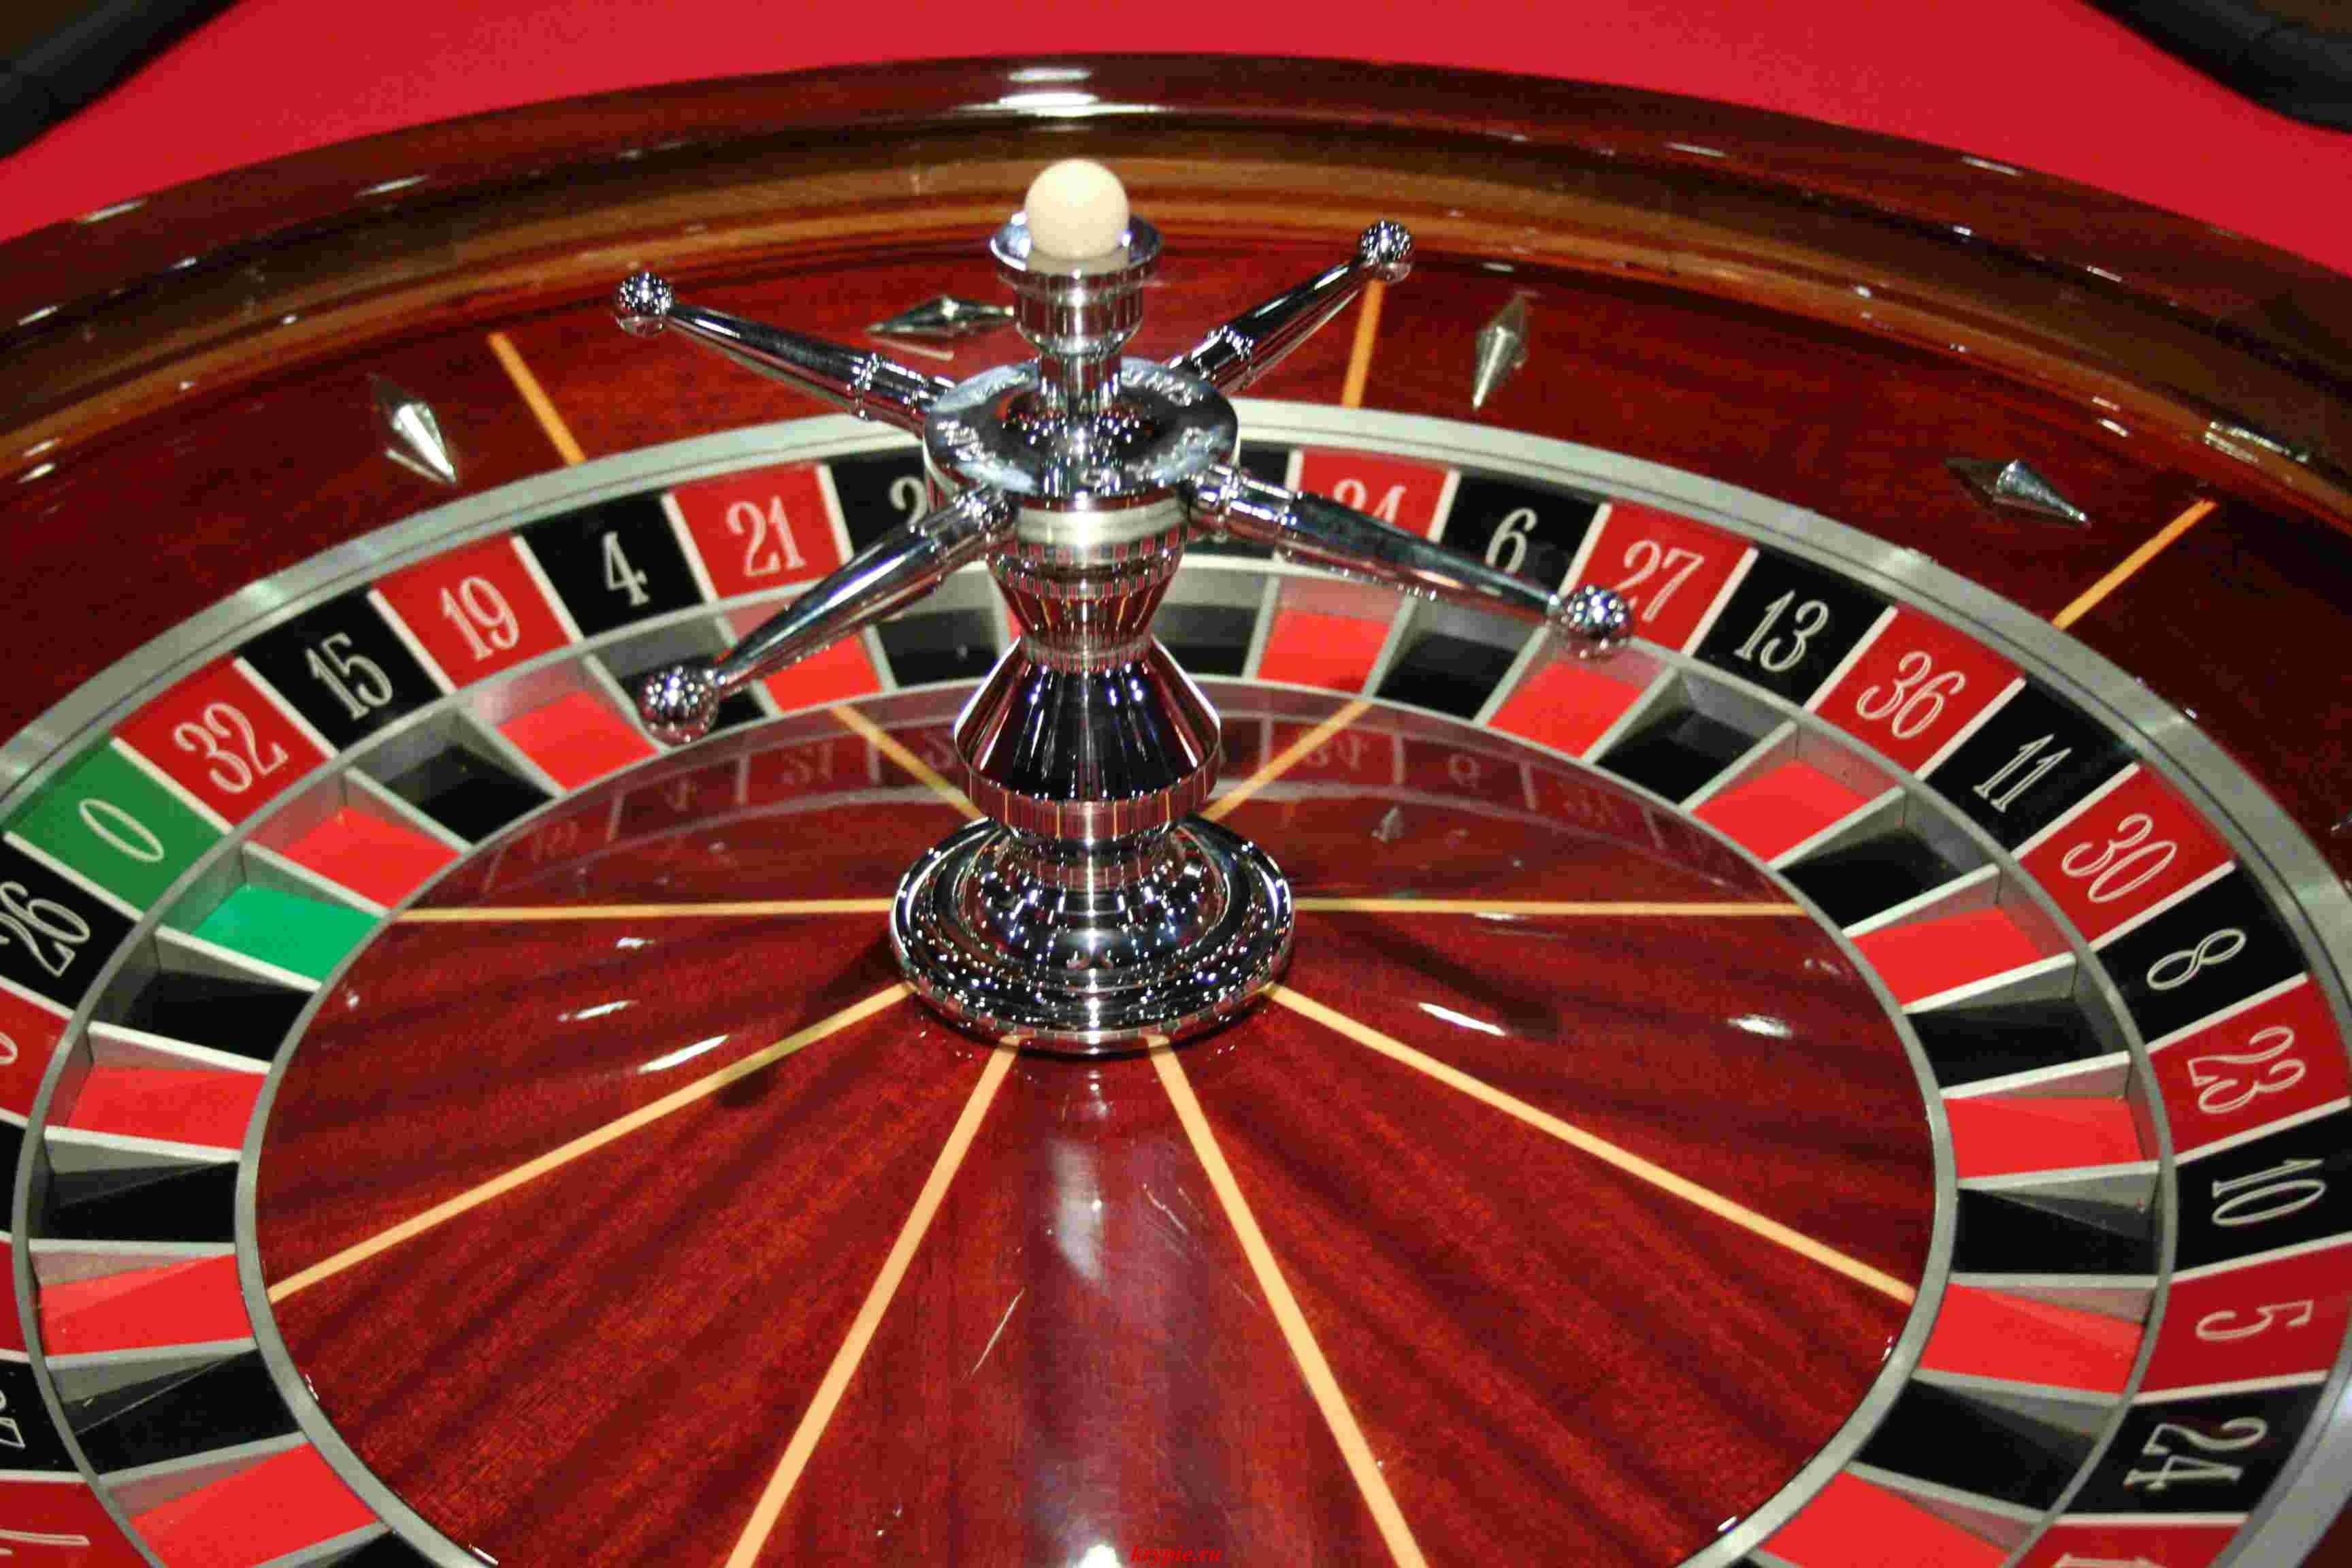 €1740 No deposit bonus casino at Nordi Casino